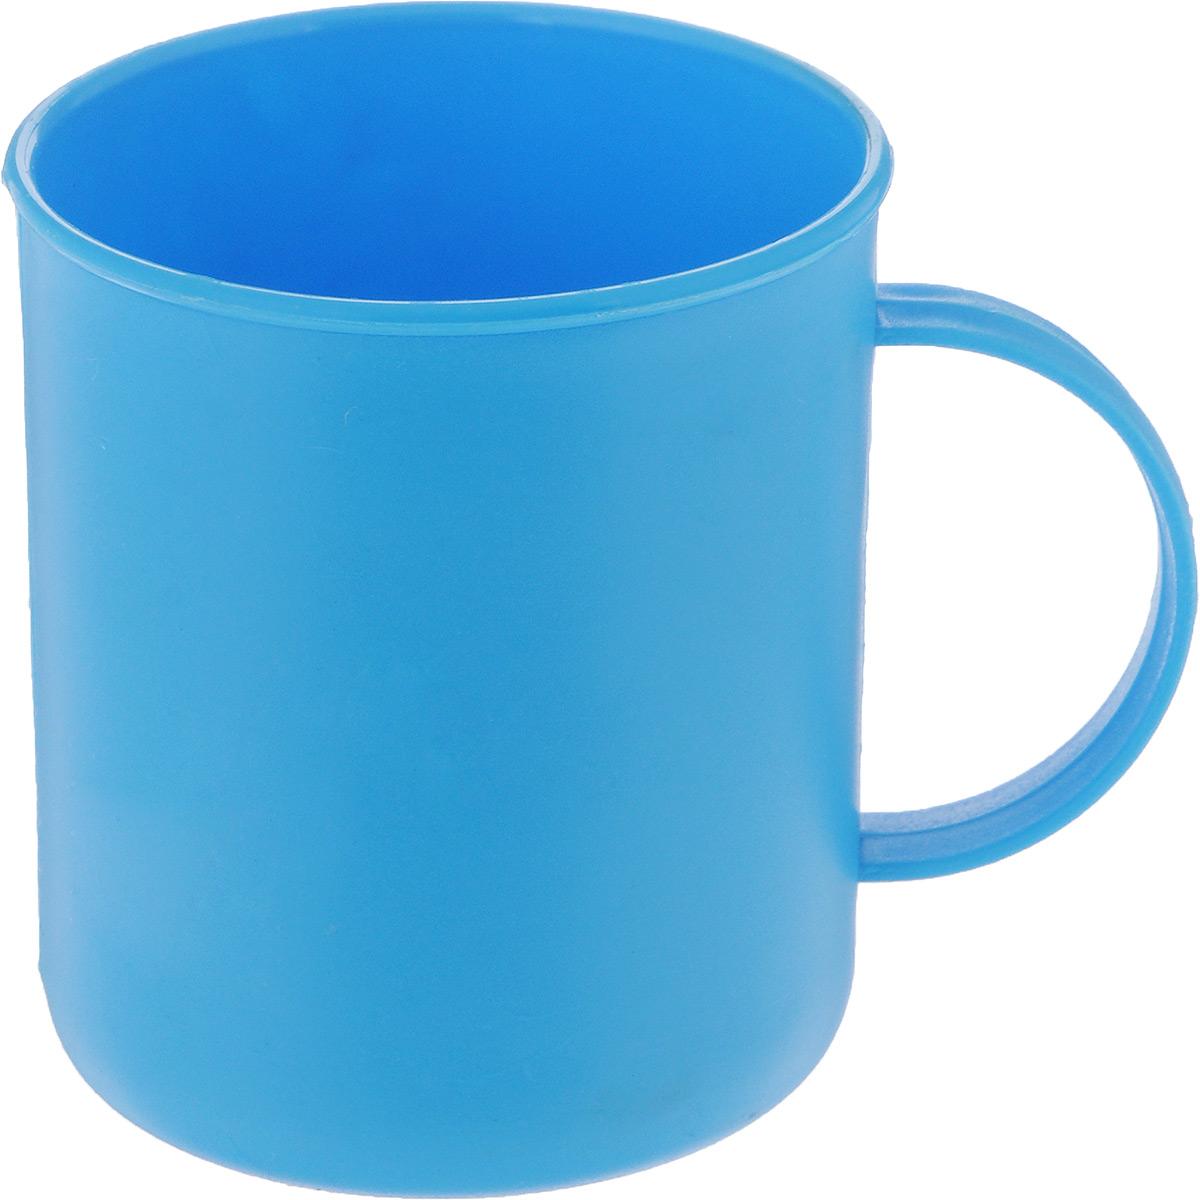 Кружка Gotoff, цвет: голубой, 300 мл54 009312Кружка Gotoff выполнена из прочного пищевого полипропилена. Изделие отлично подойдет как для холодных, так и для горячих напитков. Его удобно использовать дома или на даче, брать с собой на пикники и в поездки. Отличный вариант для детских праздников. Такая кружка не разобьется и будет служить вам долгое время.Диаметр кружки (по верхнему краю): 7,5 см. Высота кружки: 8,5 см.